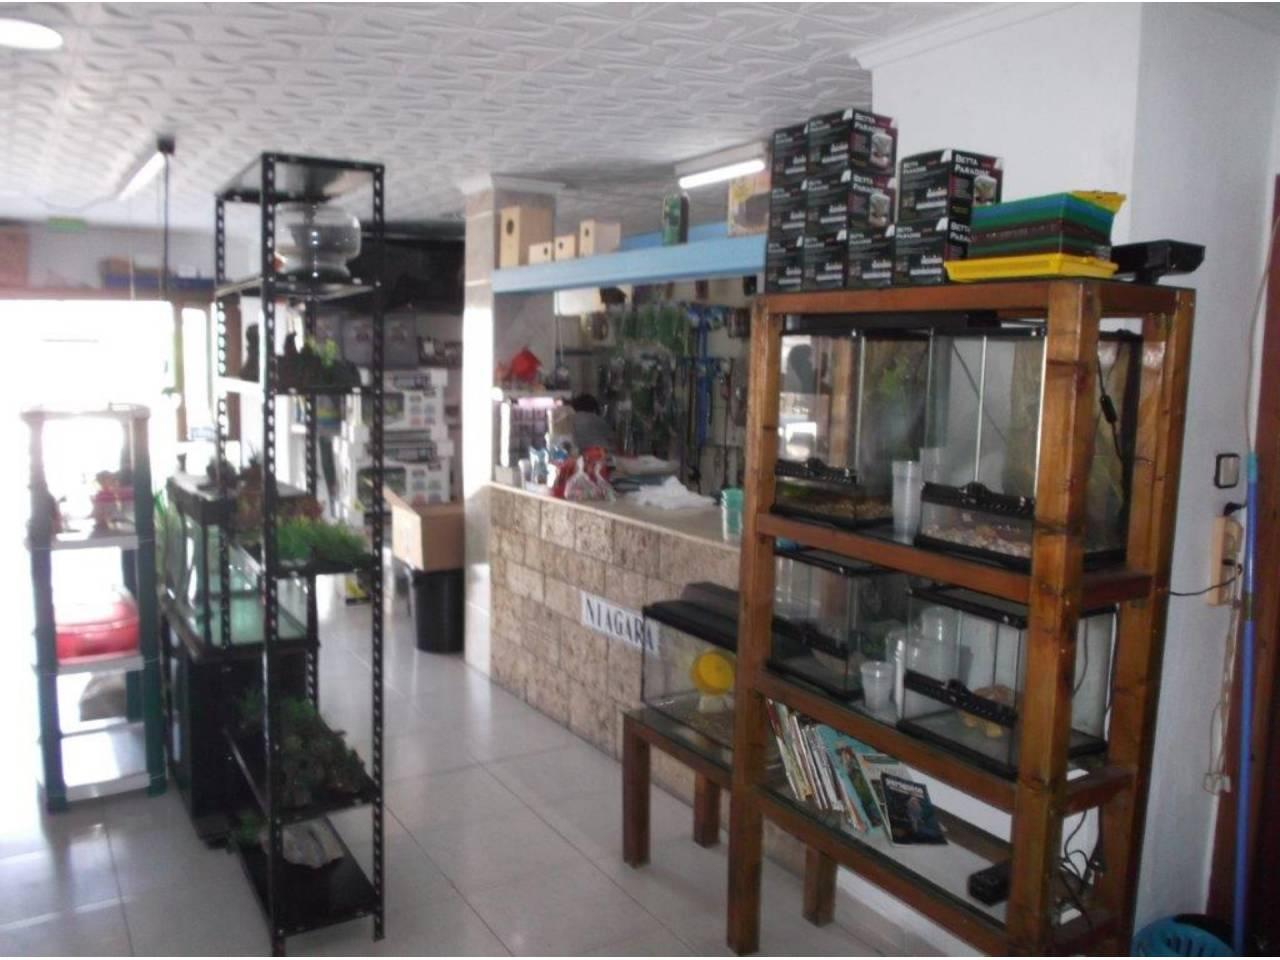 Traspaso Local Comercial  Calle 25 abril. Se traspasa  tienda de animales en una de las mejores zonas de t